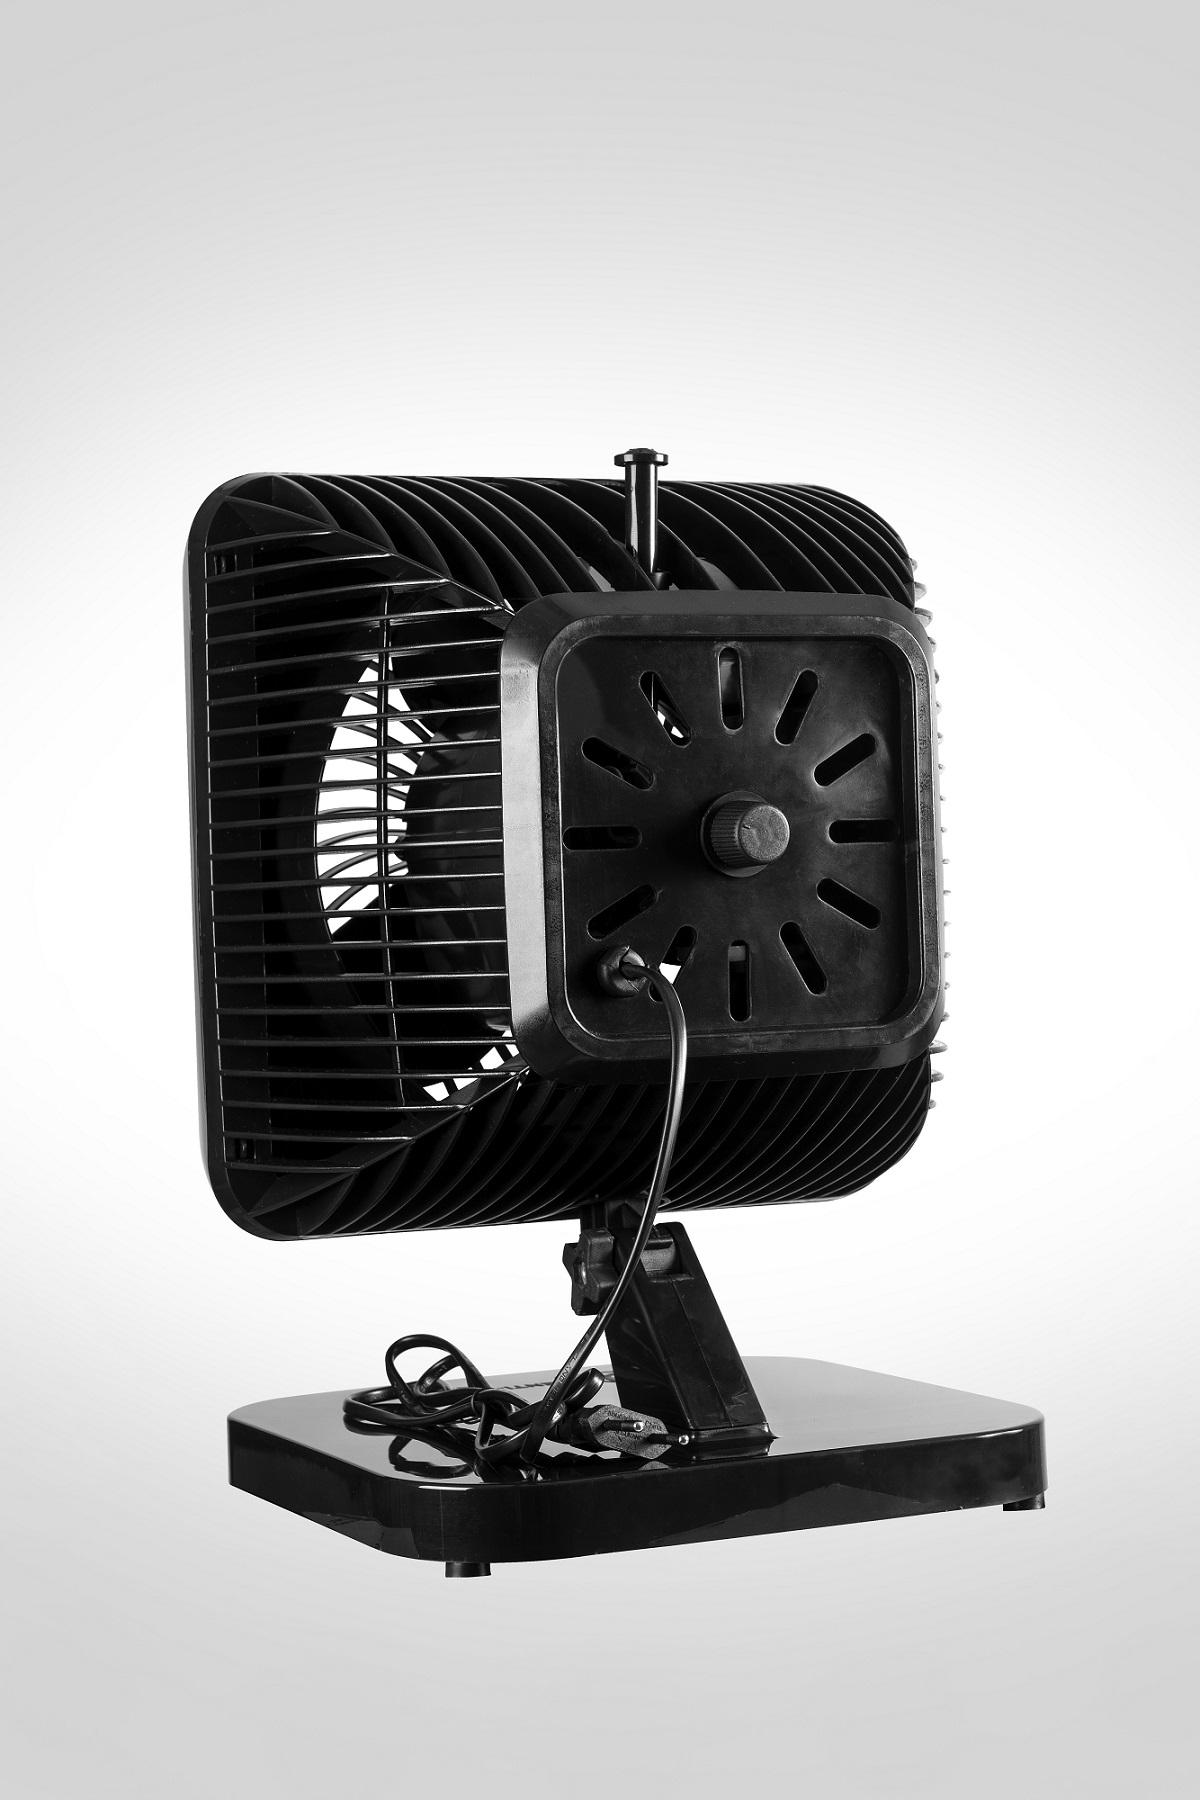 Ventilador Oscilante Turbi Venti Delta Preto  220v